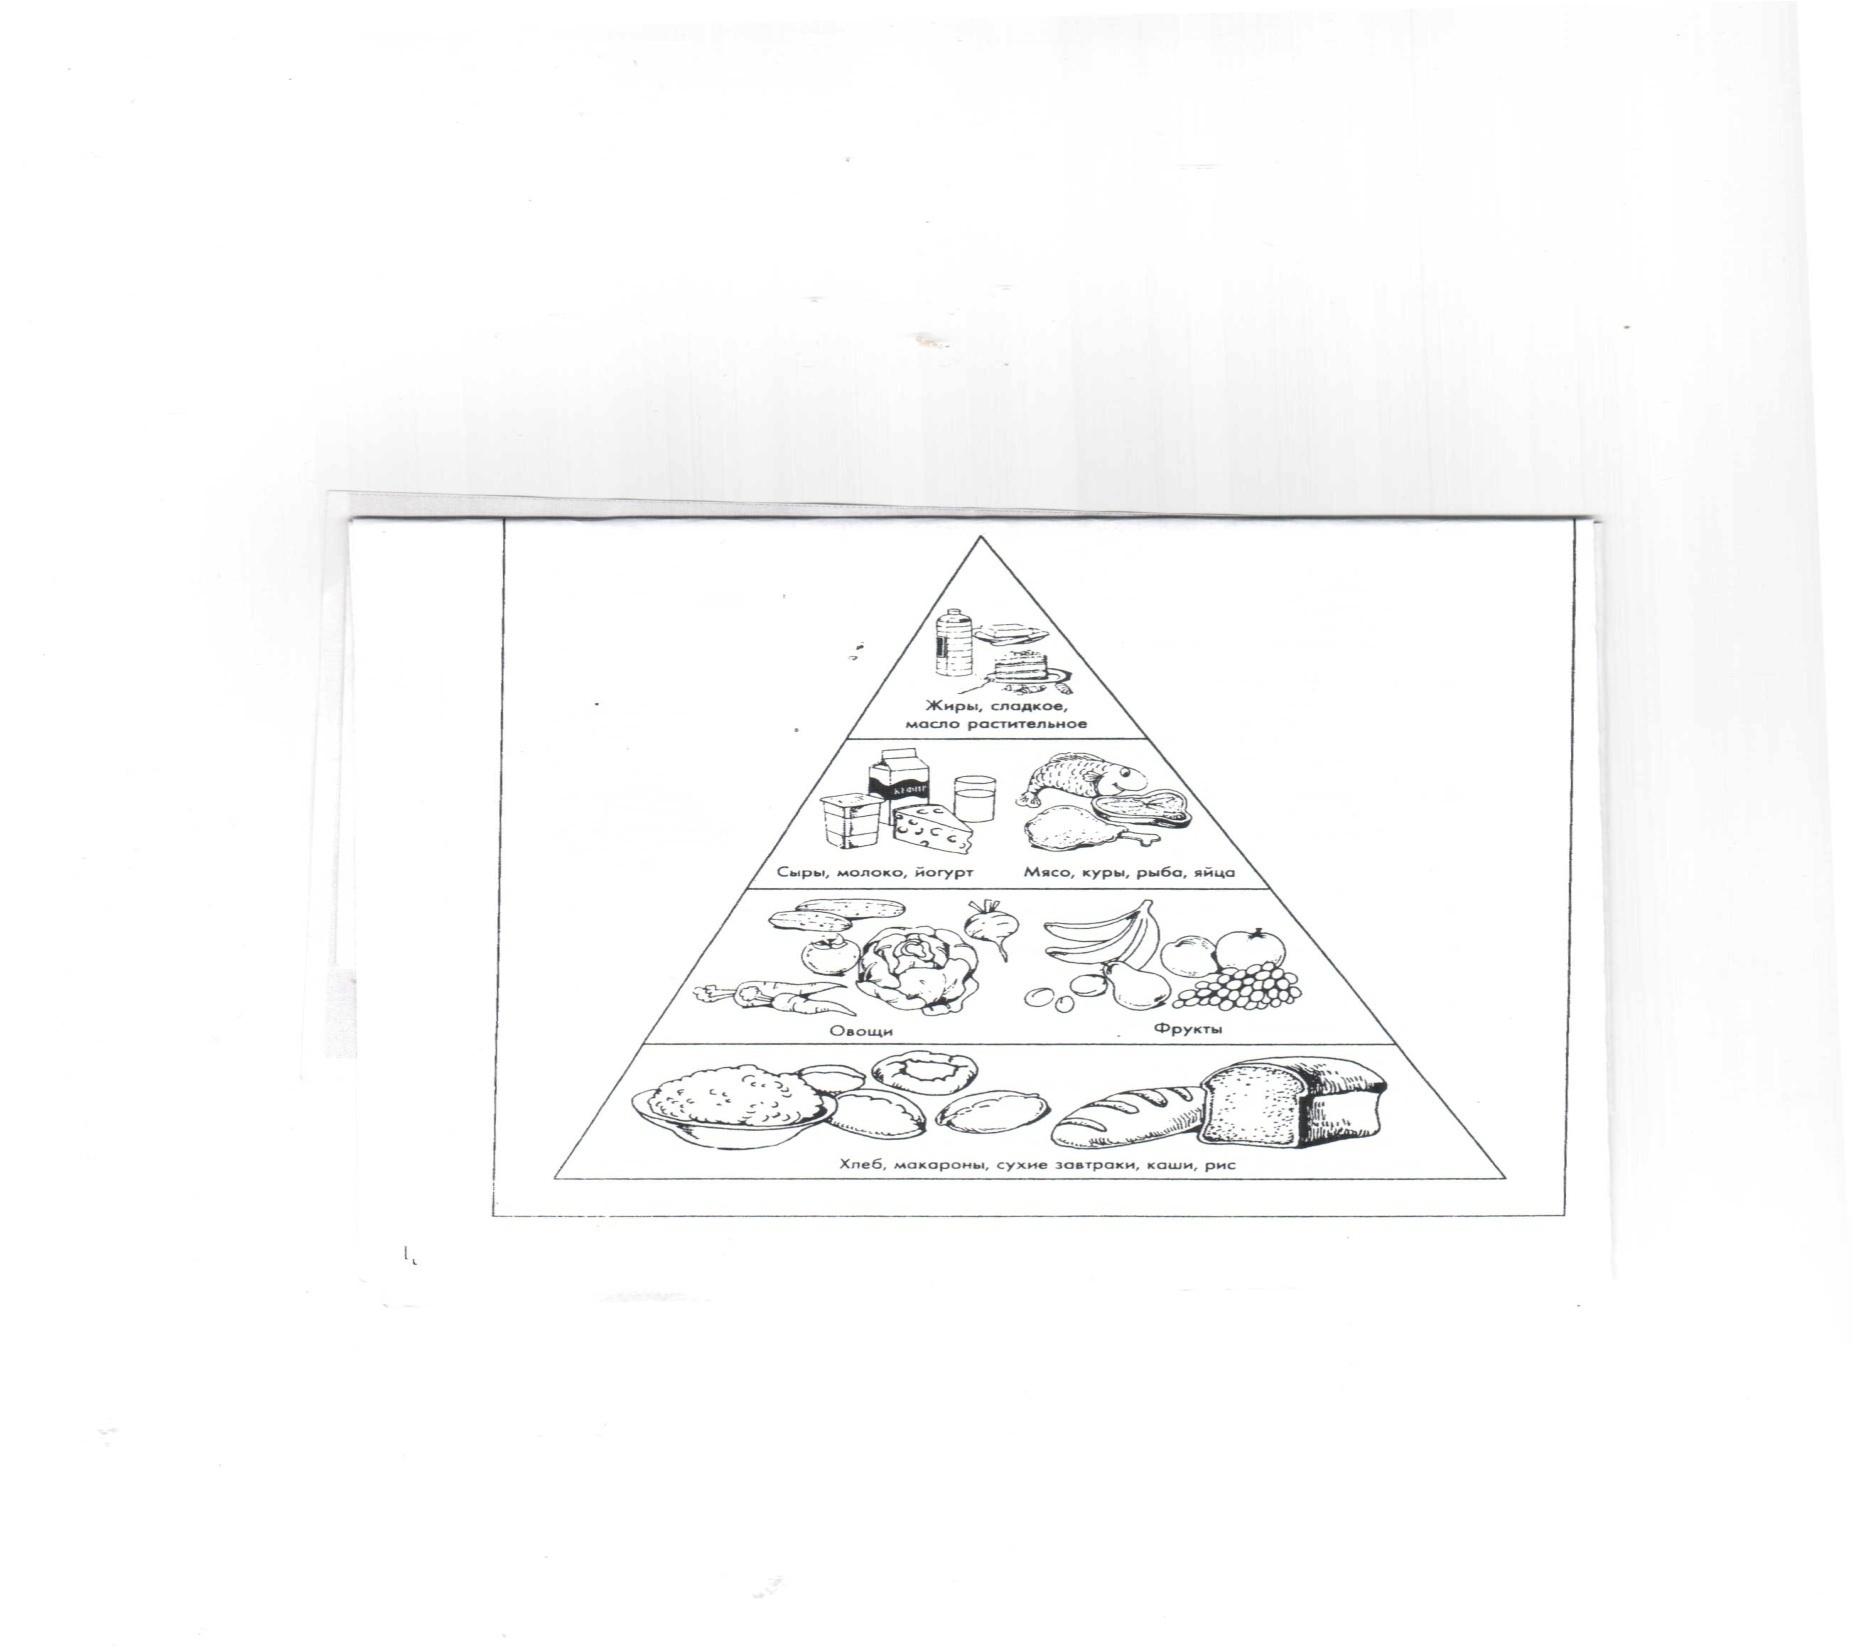 D:\Documents and Settings\Лена & Компания\Мои документы\Распознававние\Отсканировано 23.03.2009 16-12_000.jpg